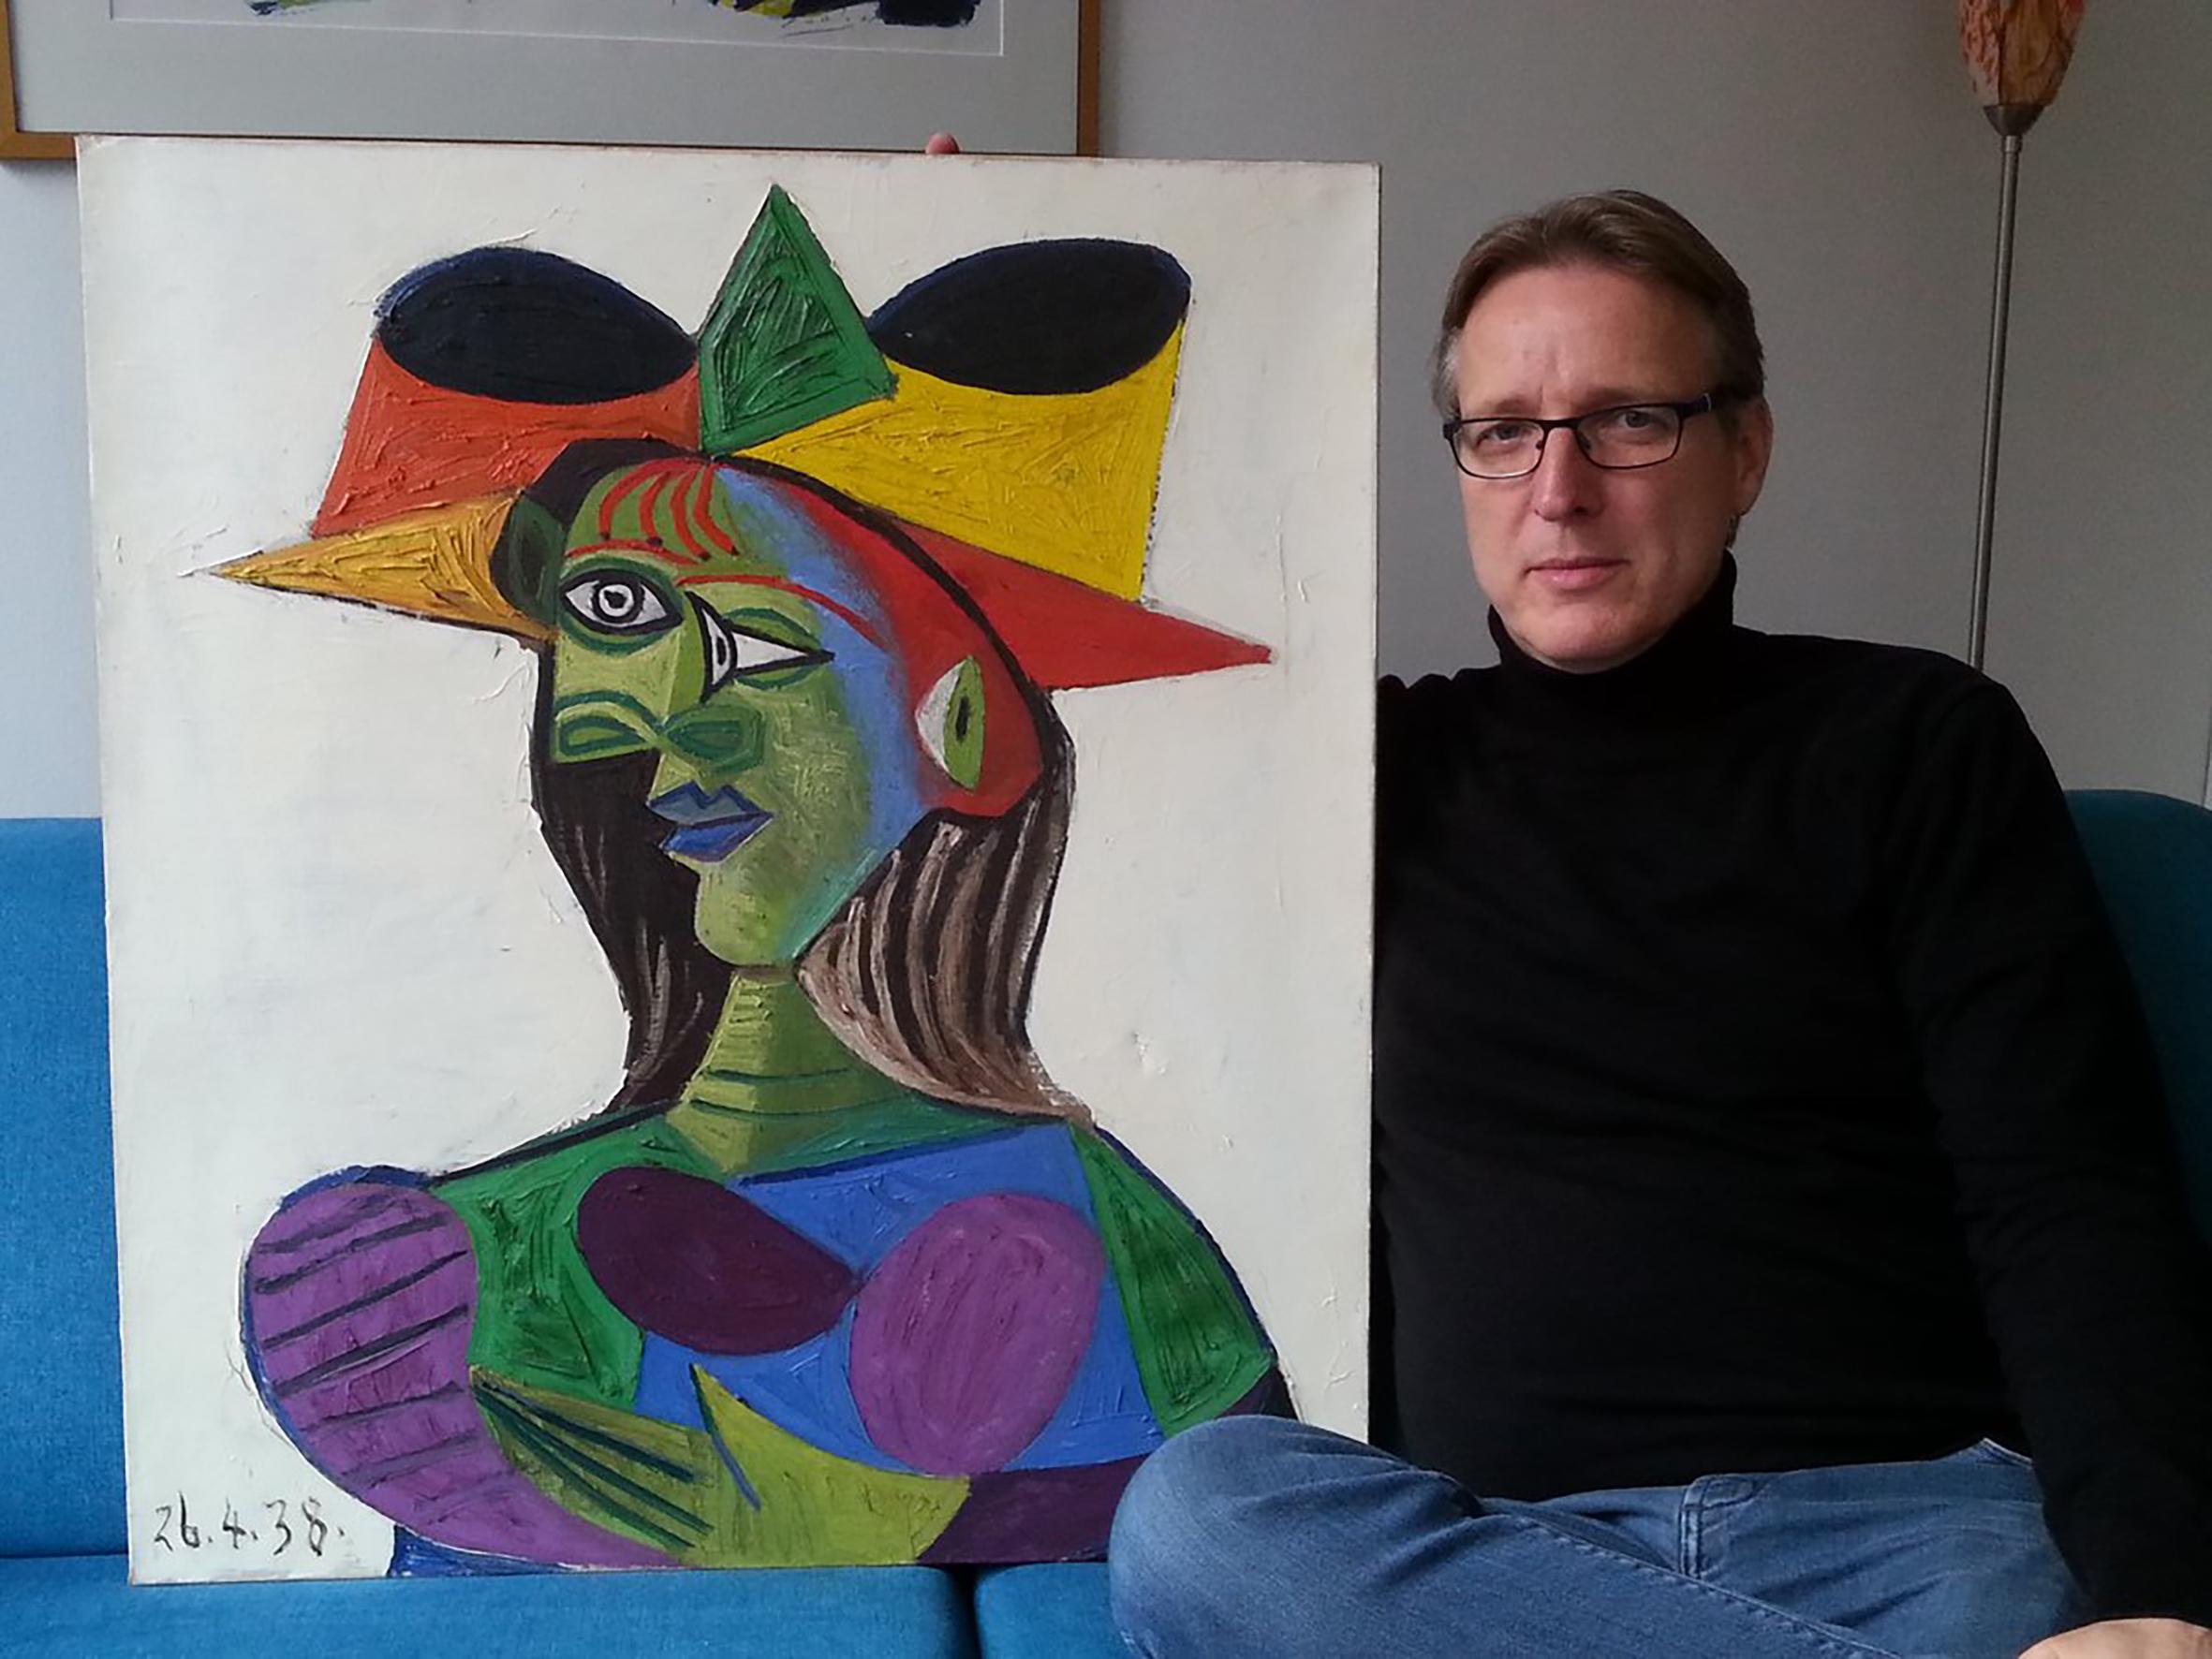 Picasso, ritrovato dopo vent'anni il ritratto di Dora Maar rubato nel 1999